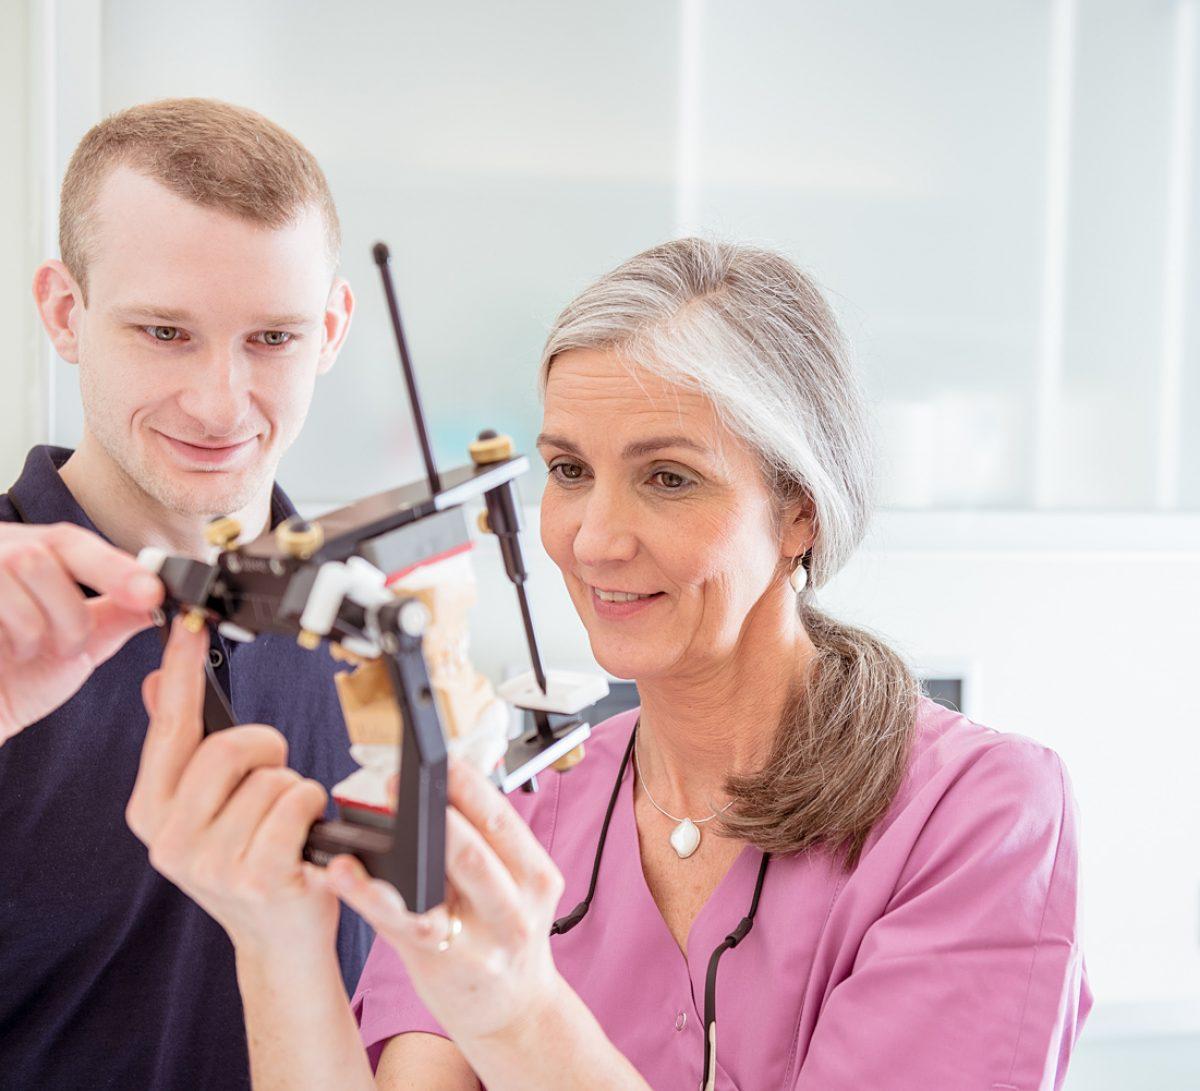 Praxislabor - Zahnärztin Sabine Quack und Mitarbeiter